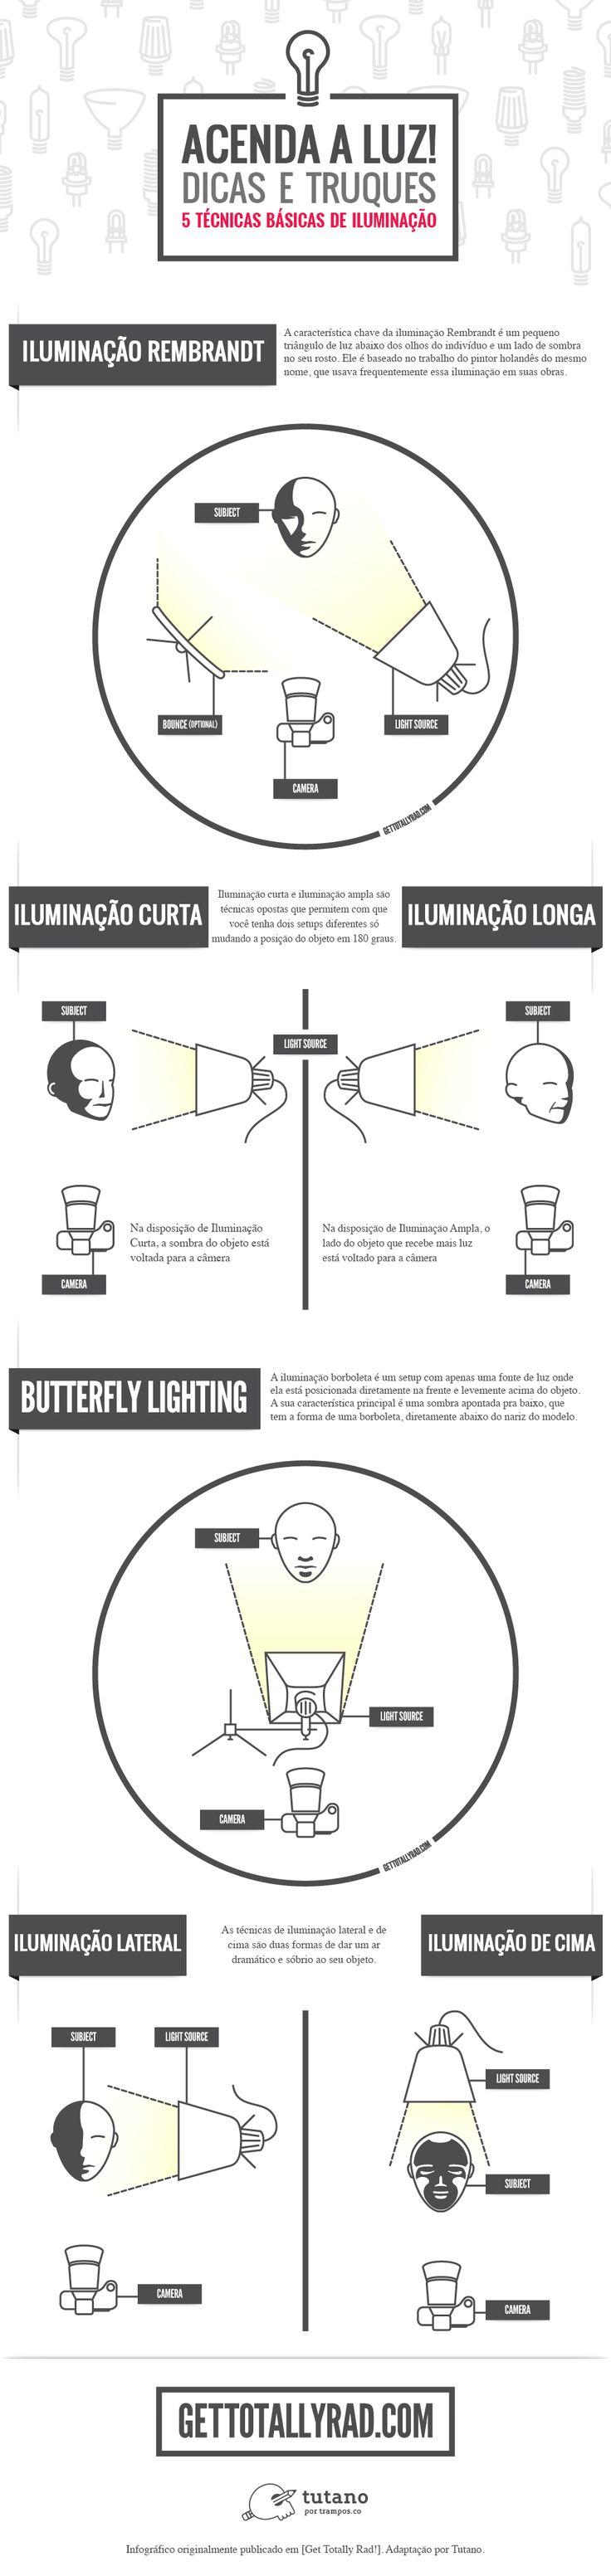 5 técnicas de iluminação para fotografia